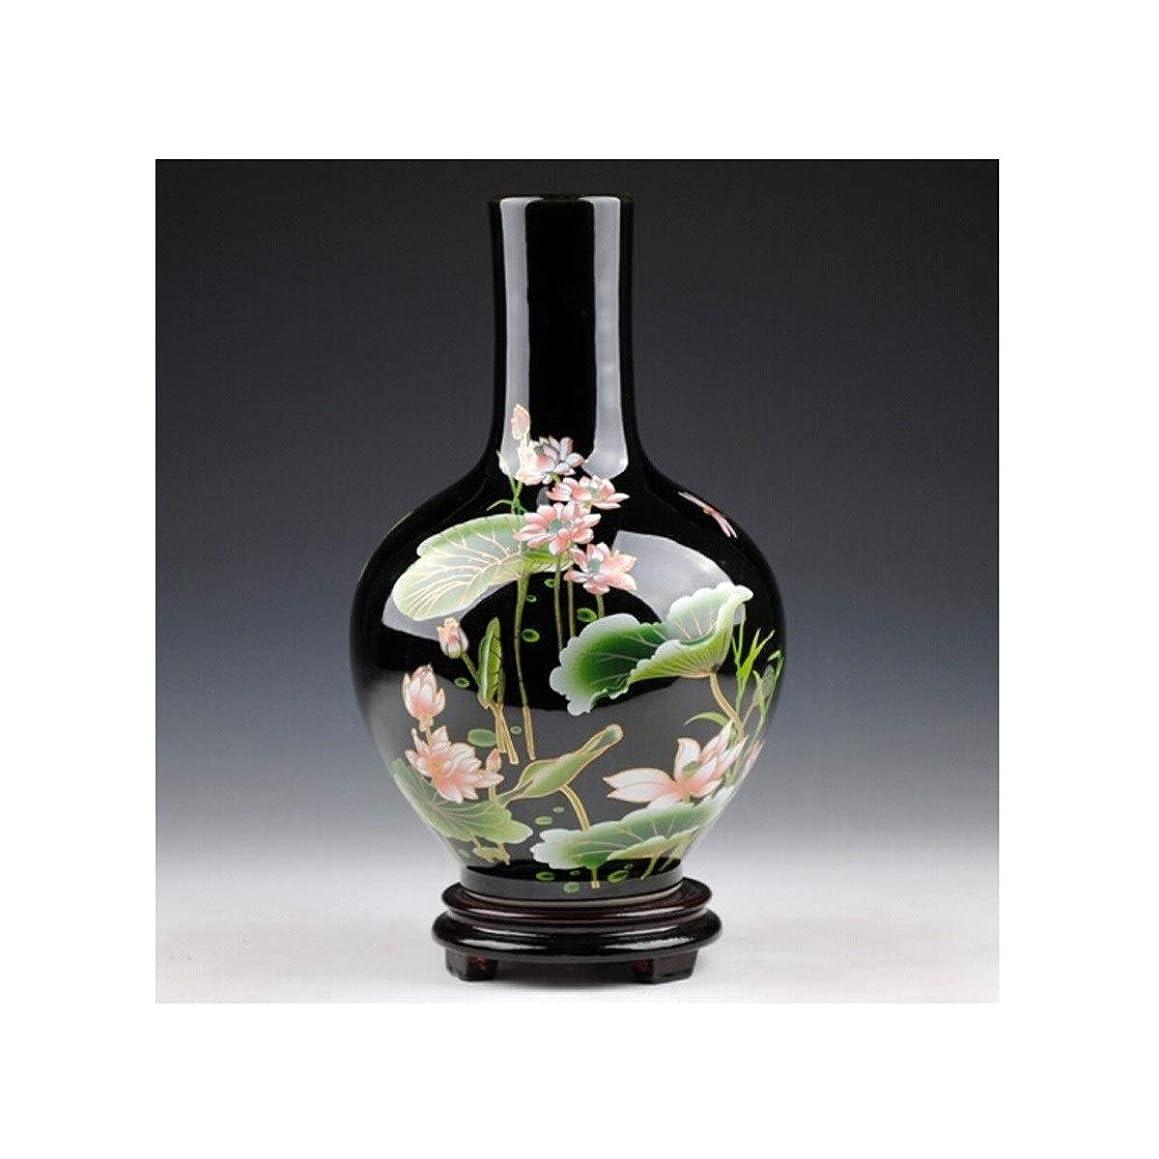 ウルル逆説抑圧者ZGSH エレガントな花瓶セラミック花瓶の装飾リビングルーム花柄ブラックゴールド釉リビングルームワインキャビネットデコレーションクラフトデコレーション (Size : 24*15cm)